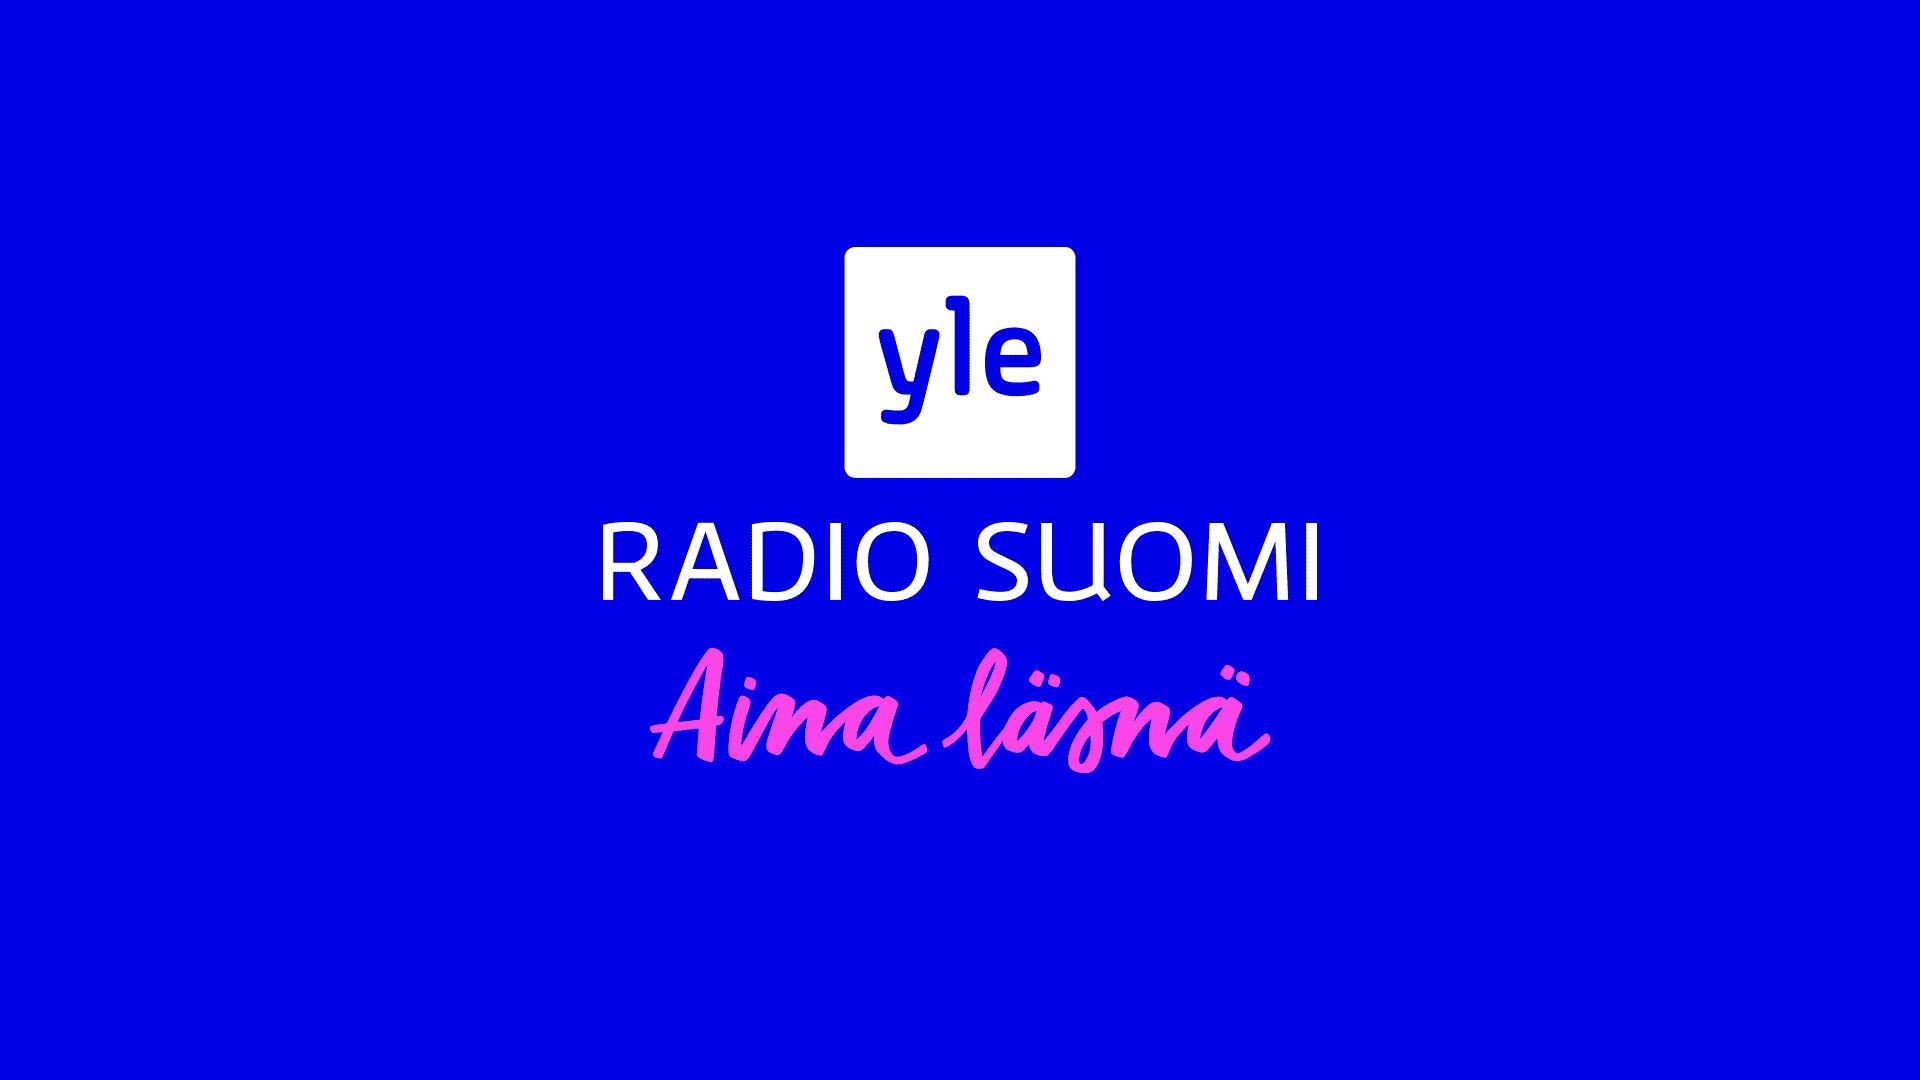 Radio Keskisuomi